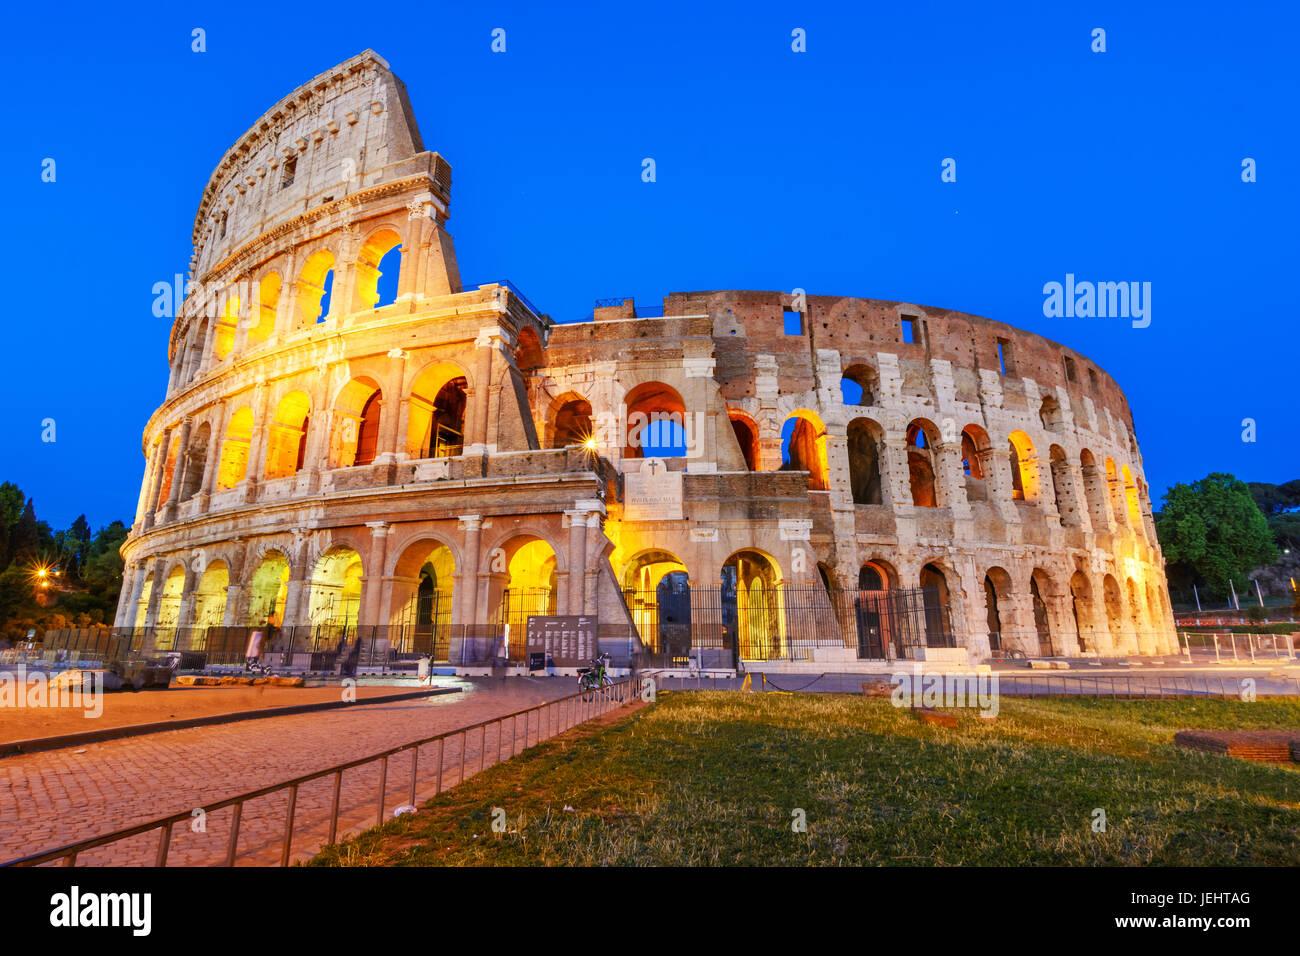 Vue de nuit sur le Colisée, un amphithéâtre elliptique dans le centre de Rome,Italie.construit de Photo Stock